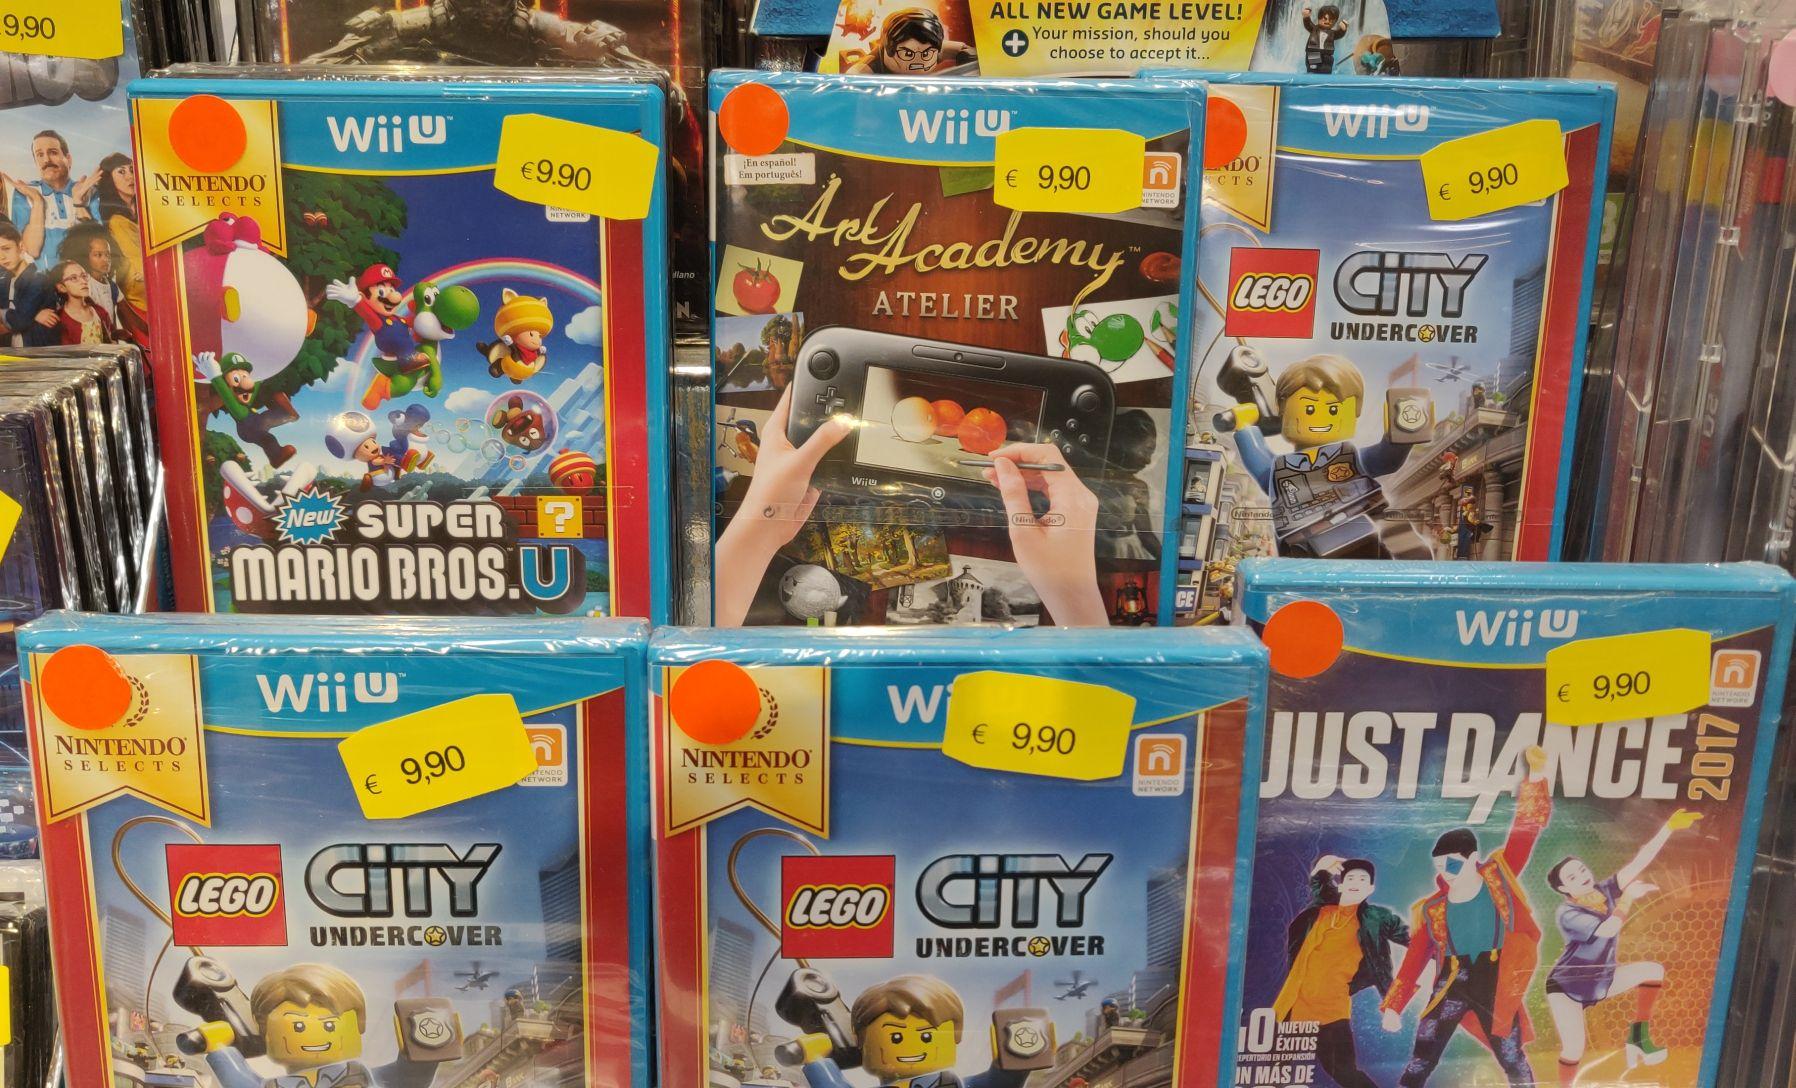 ¡Más juegos precintados de Wii U por 9.90€! (Eroski Bilbondo)